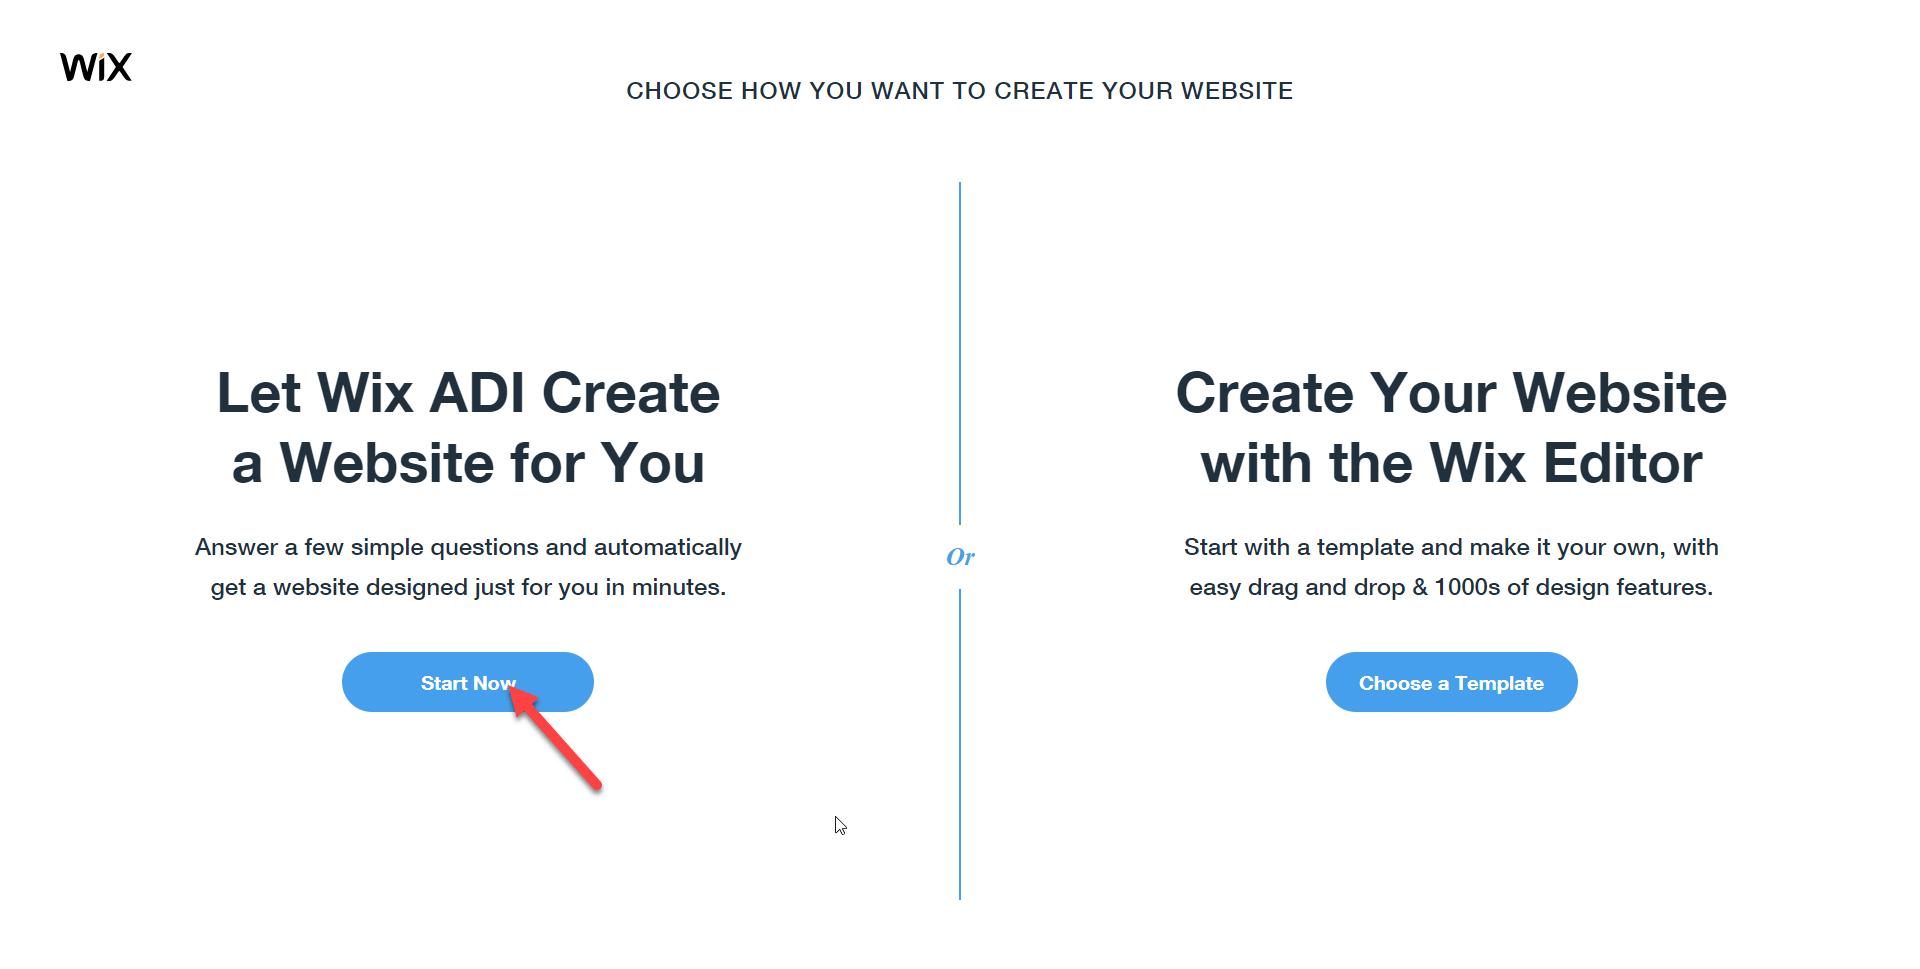 كيفية إنشاء موقع ويب باستخدام Wix